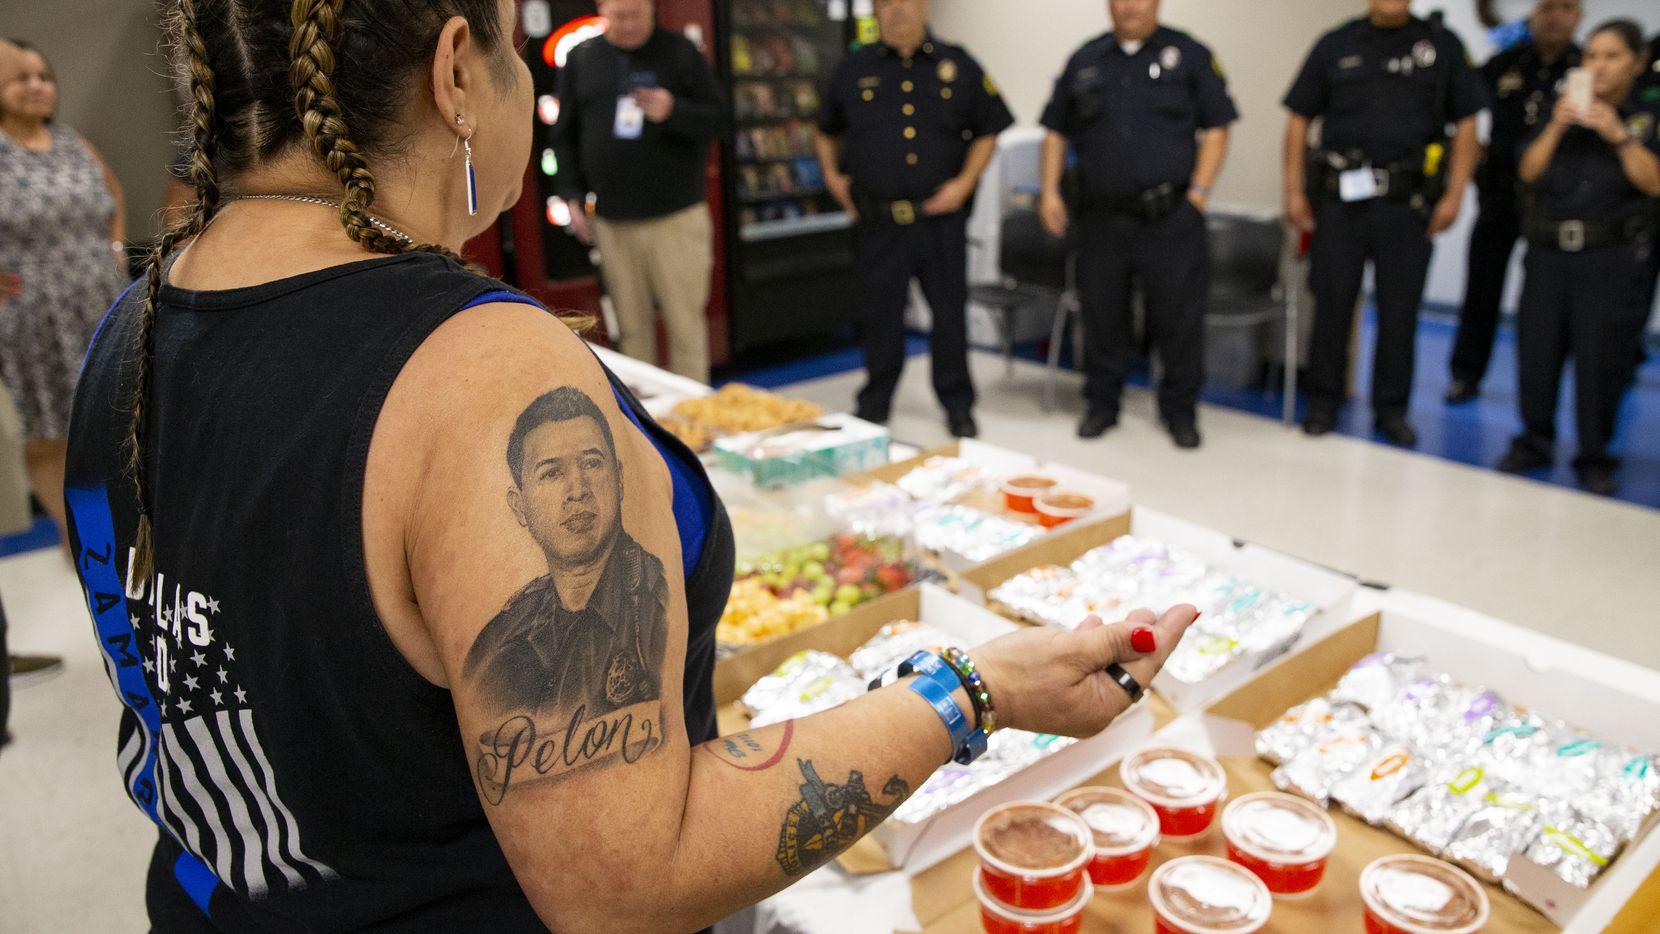 Valerie Zamarripa habla a los agentes de la división Southwest de la Policía de Dallas el viernes 2 de julio de 2021. El hijo de Valerie Zamarripa, Patrick Zamarripa, fue uno de cinco oficiales asesinados cuando un francotirador comenzó a disparar contra una marcha pacífica en el centro de Dallas en 2016.